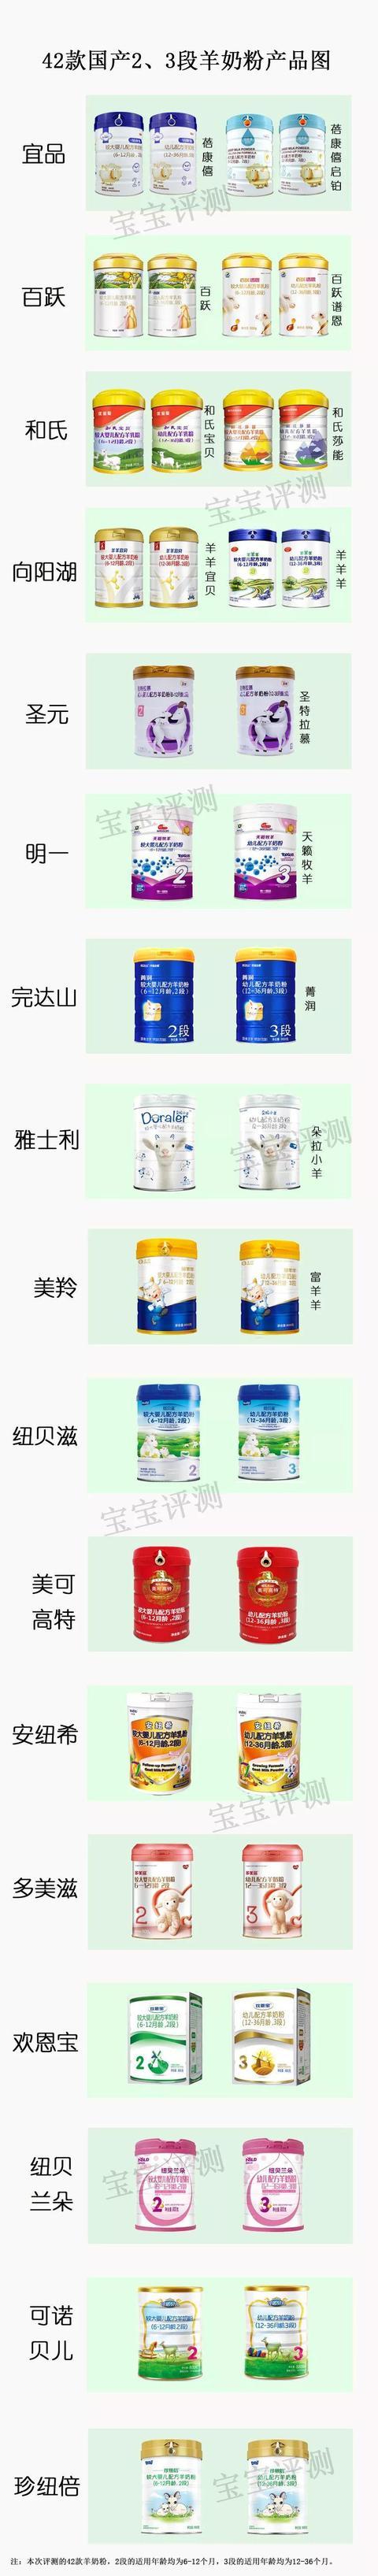 42款国产羊奶粉评测二:凭什么都卖这么高价?